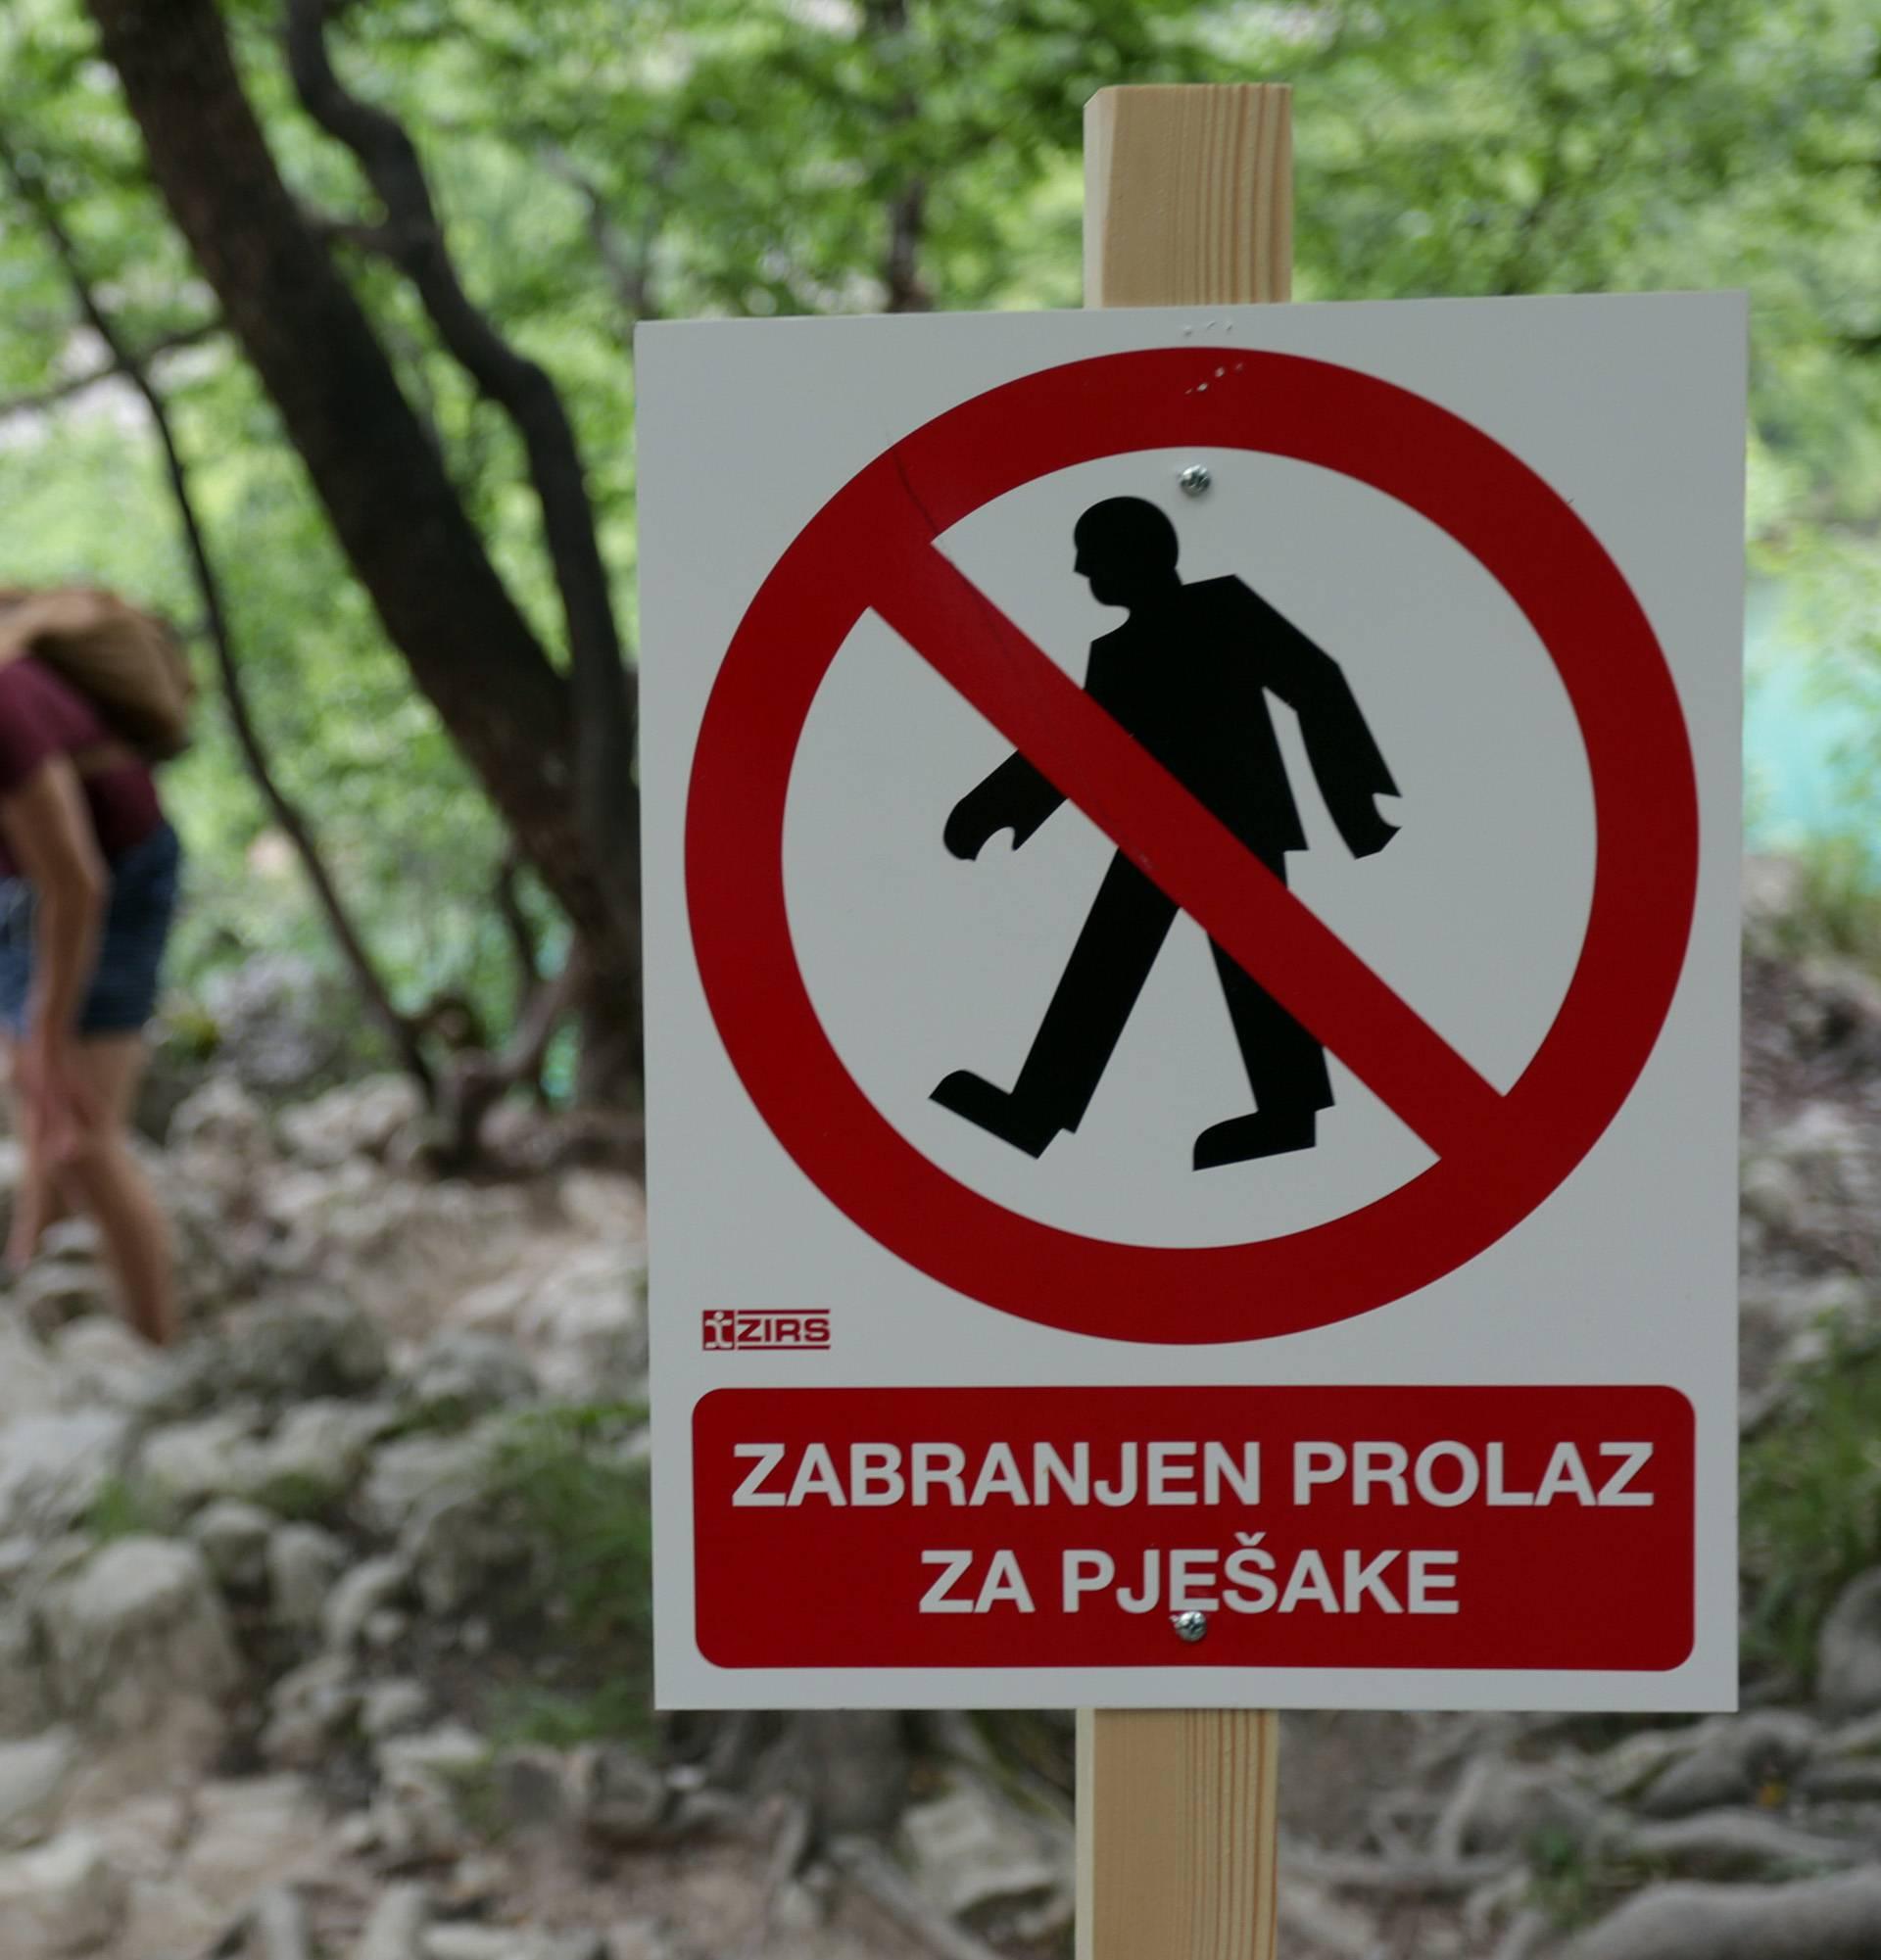 Moli goste: 'Ne idite van staze, zbog fotki mnogi stradavaju'